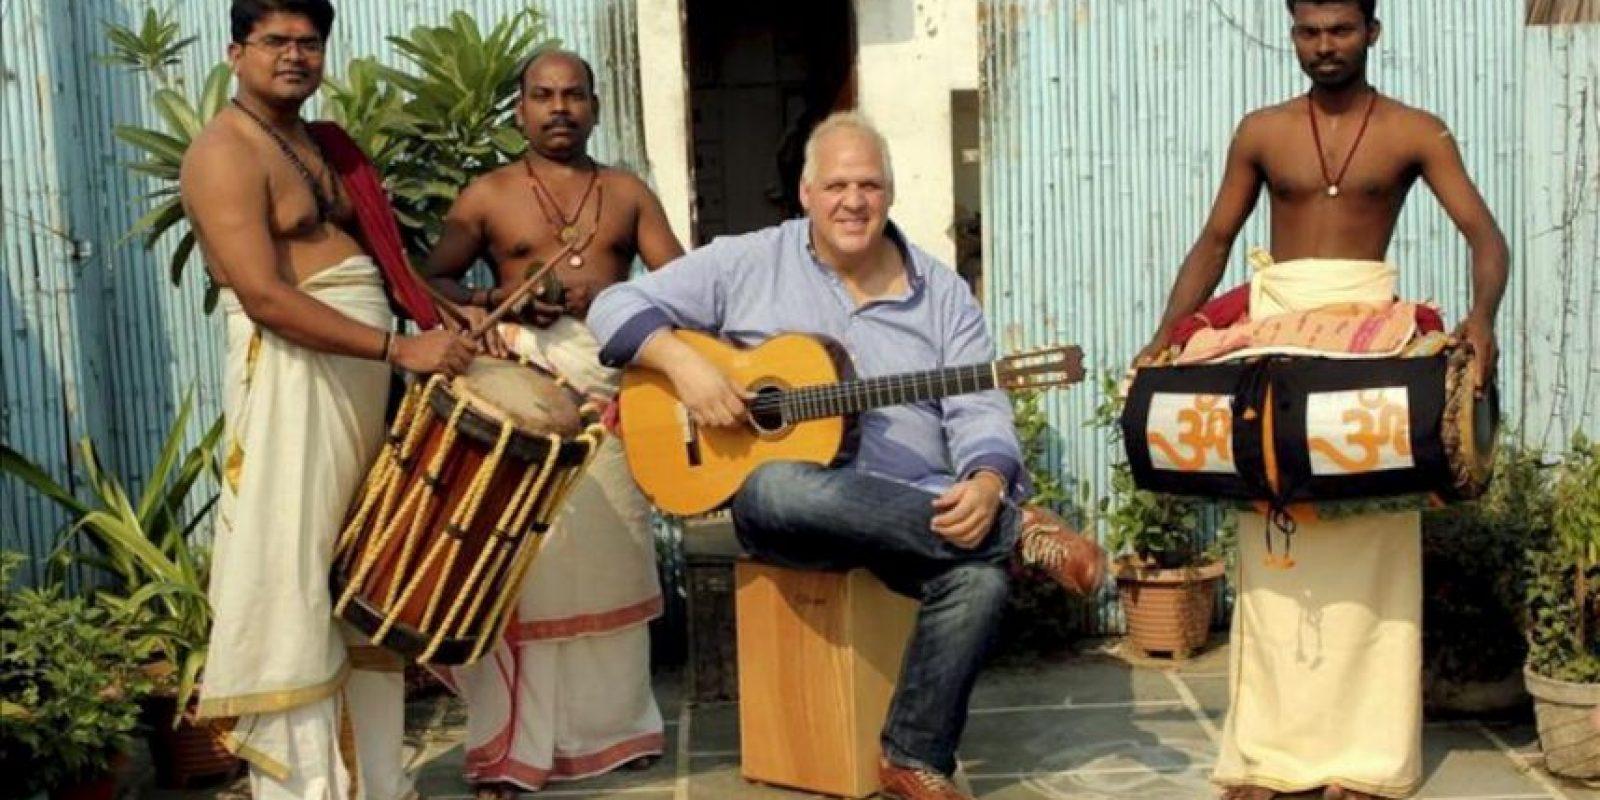 """Imagen cedida por la productora la Holandesa Herrante de los músicos que interpretarán hoy en Nueva Delhi la obra hispano-india """"La muerte de Dussasana"""", que aúna el flamenco y la danza india kathakali. EFE"""